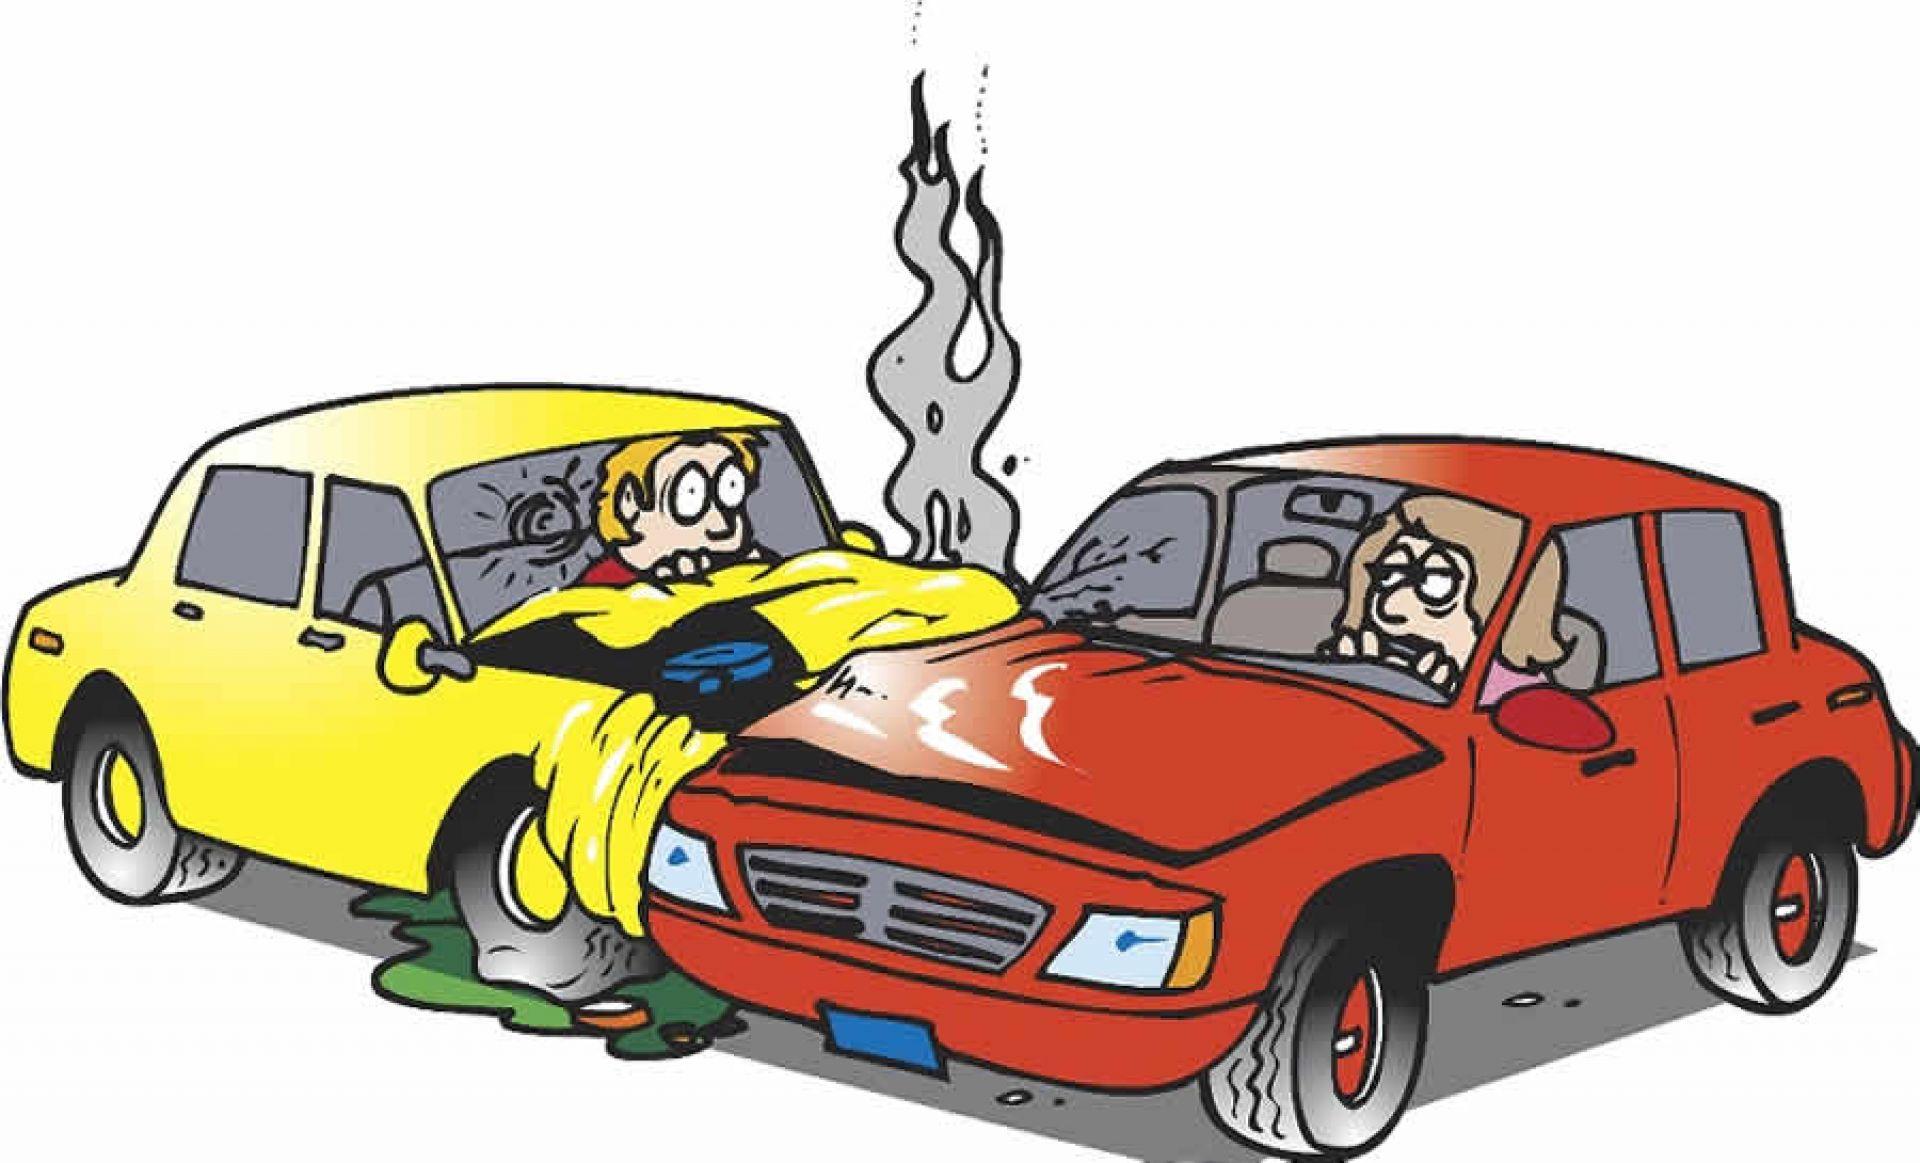 Sofreu um acidente de carro saiba o que deve ser feito - Coloriage cars accident ...